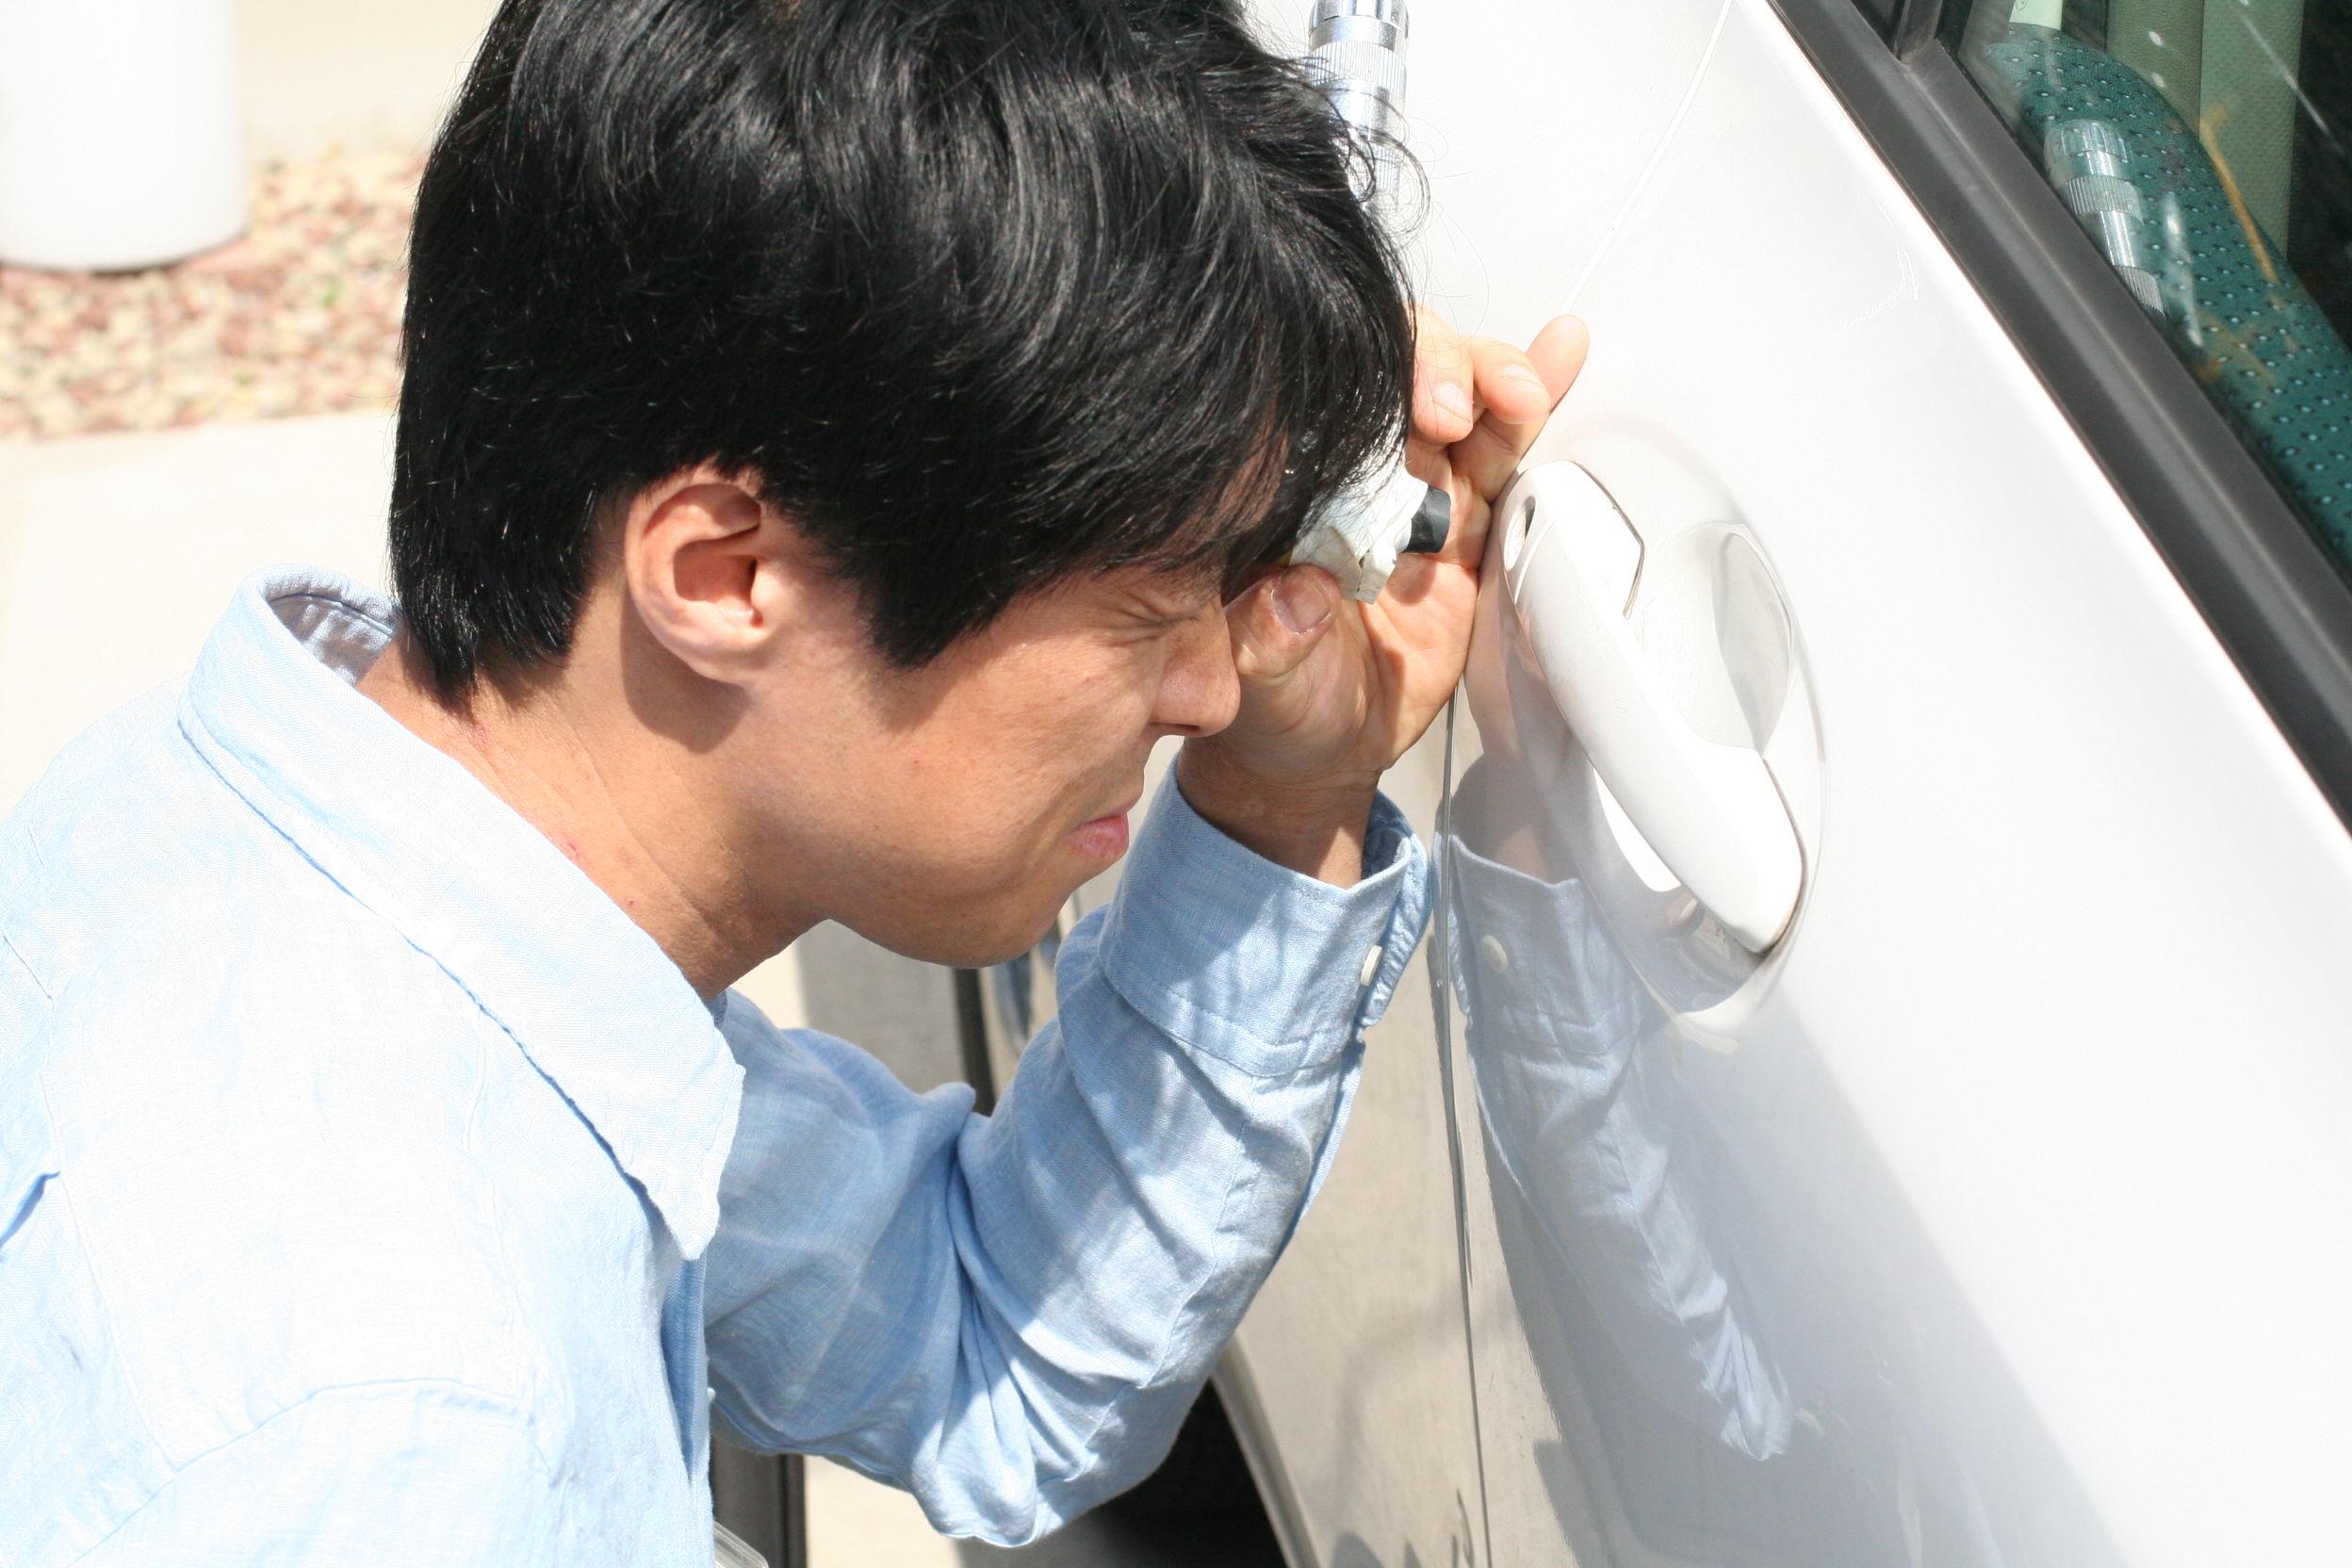 カギのトラブル救Q隊.24【旭市 出張エリア】のメイン画像